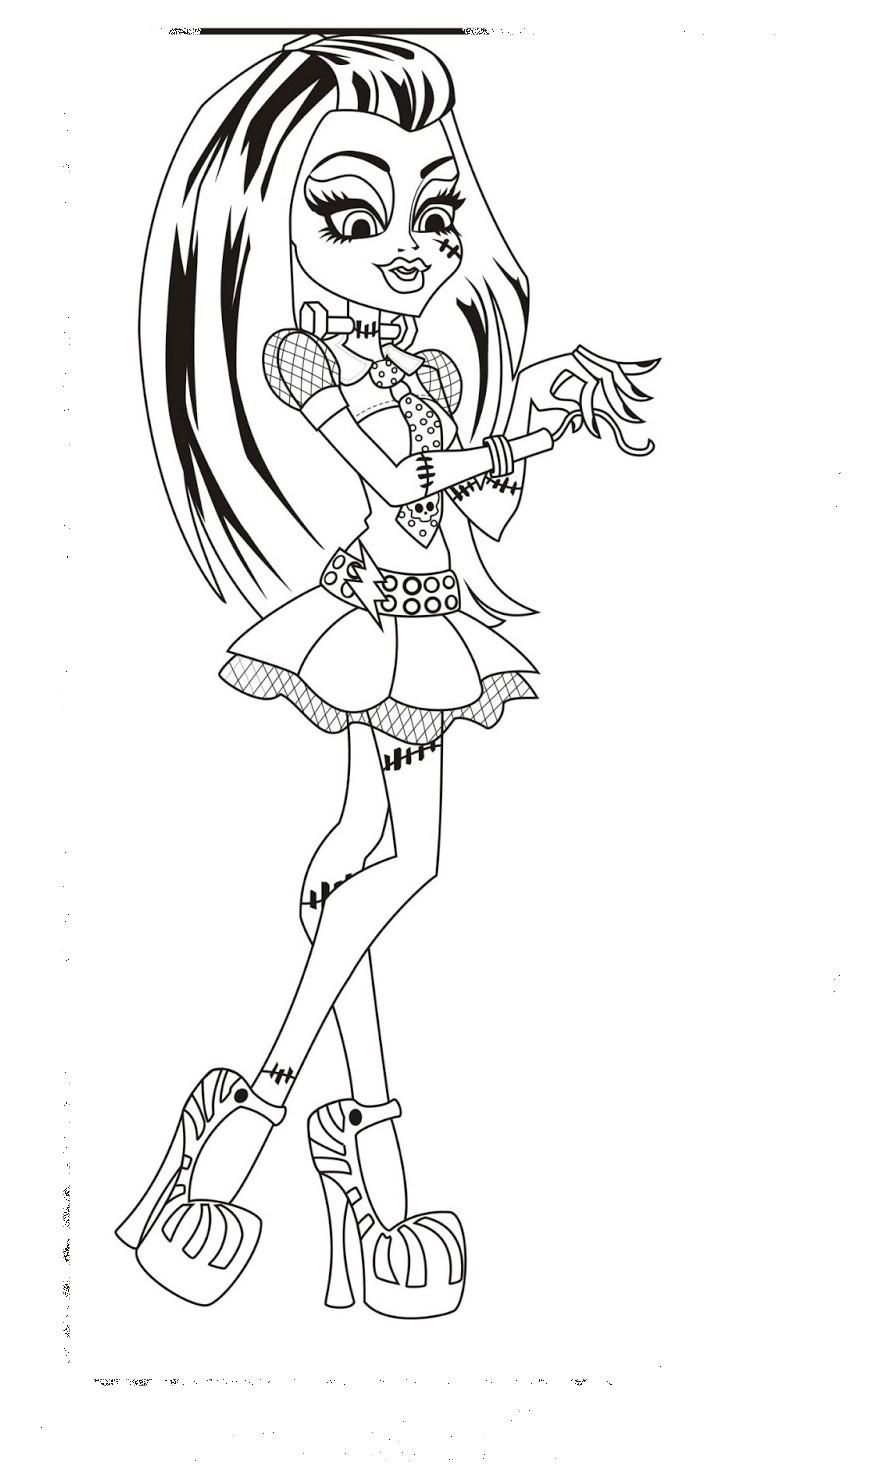 Ausmalbilder Monster High Frankie Stein Frisch Ausmalbilder Monster High Draculaura Einzigartig Monster High Galerie